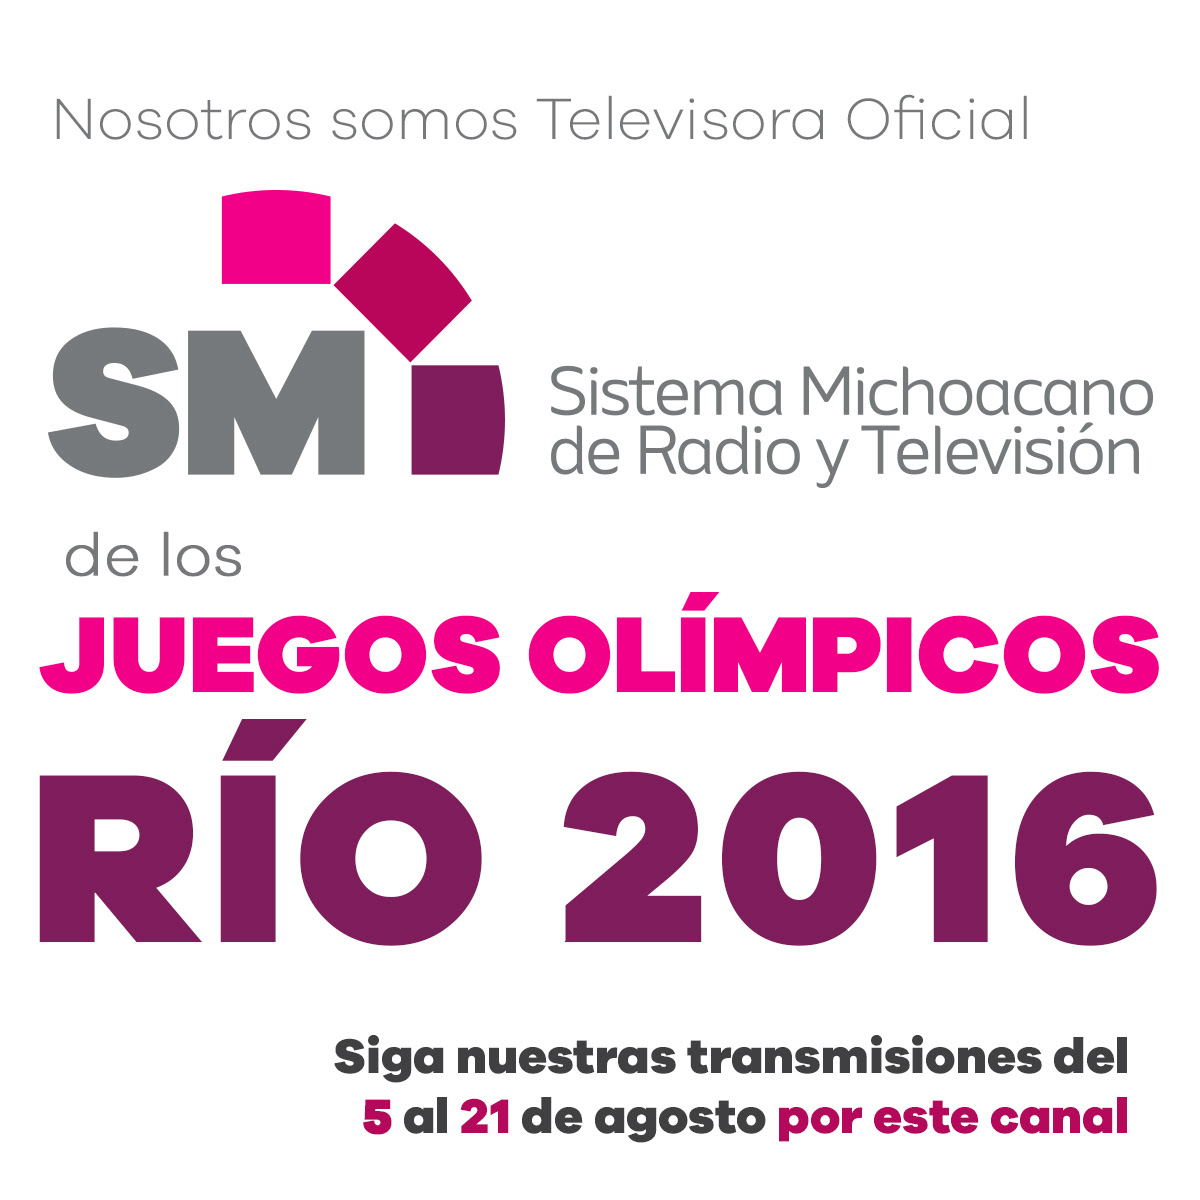 La señal televisiva del SMRTV se puede ver a través de antena aérea en los canales 2 (Morelia), 10 (Zamora, Uruapan y la Piedad), 6 (Lázaro Cárdenas), 4 (Apatzingán), 13 (Zitácuaro), 7 (Jiquilpan), 206 de Megacable y 18 ó 131-6 de Telecable